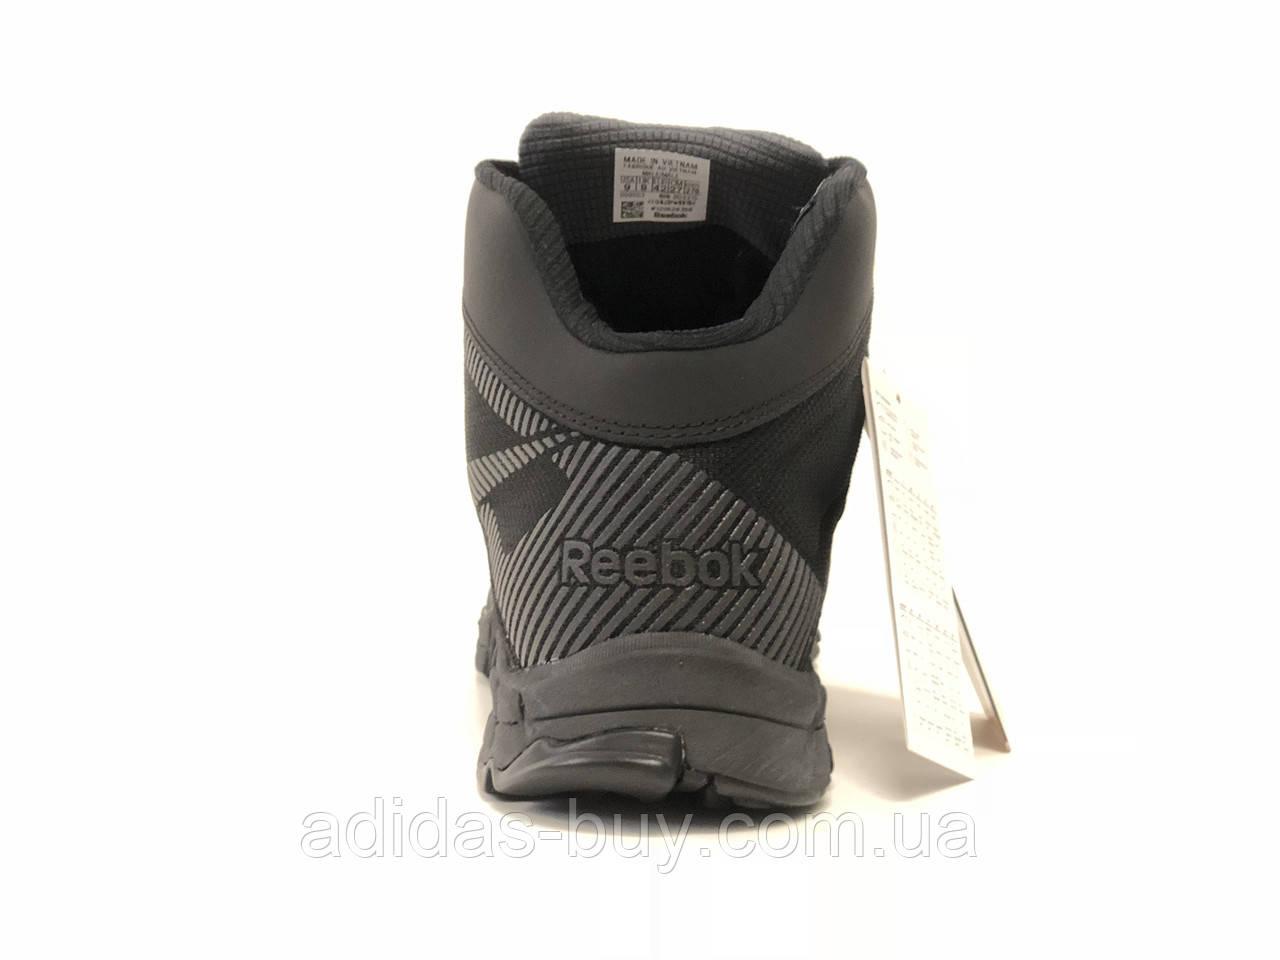 4580b621 ... Мужские оригинальные зимние ботинки оригинальные Reebok TRAIL CHASER I  4 ...